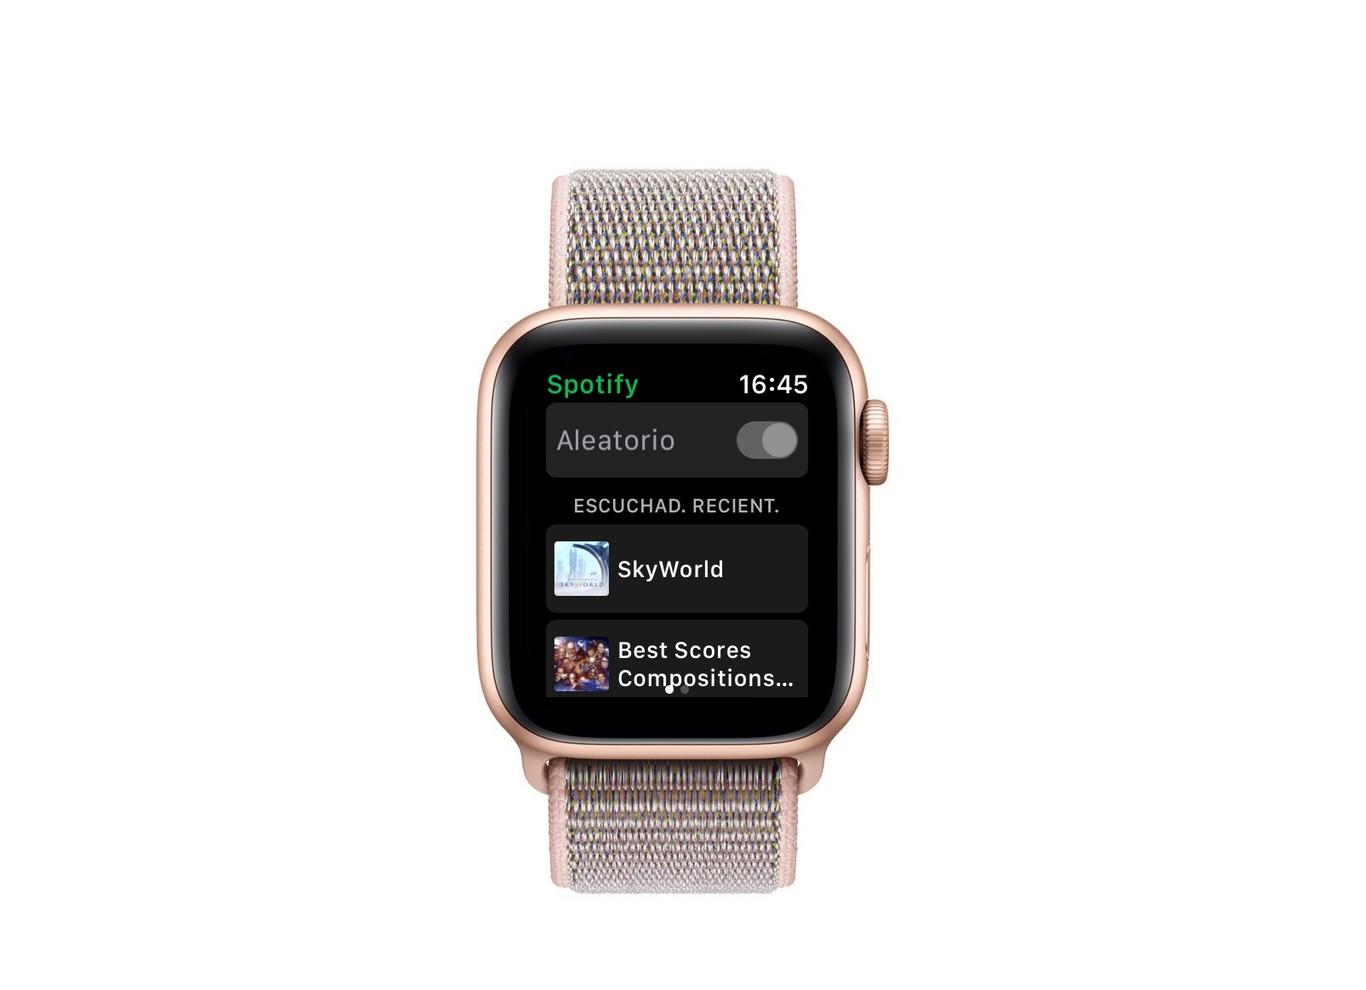 ⌚ Ya puedes descargar Spotify en tu Apple Watch y se encuentra disponible en todo el mundo